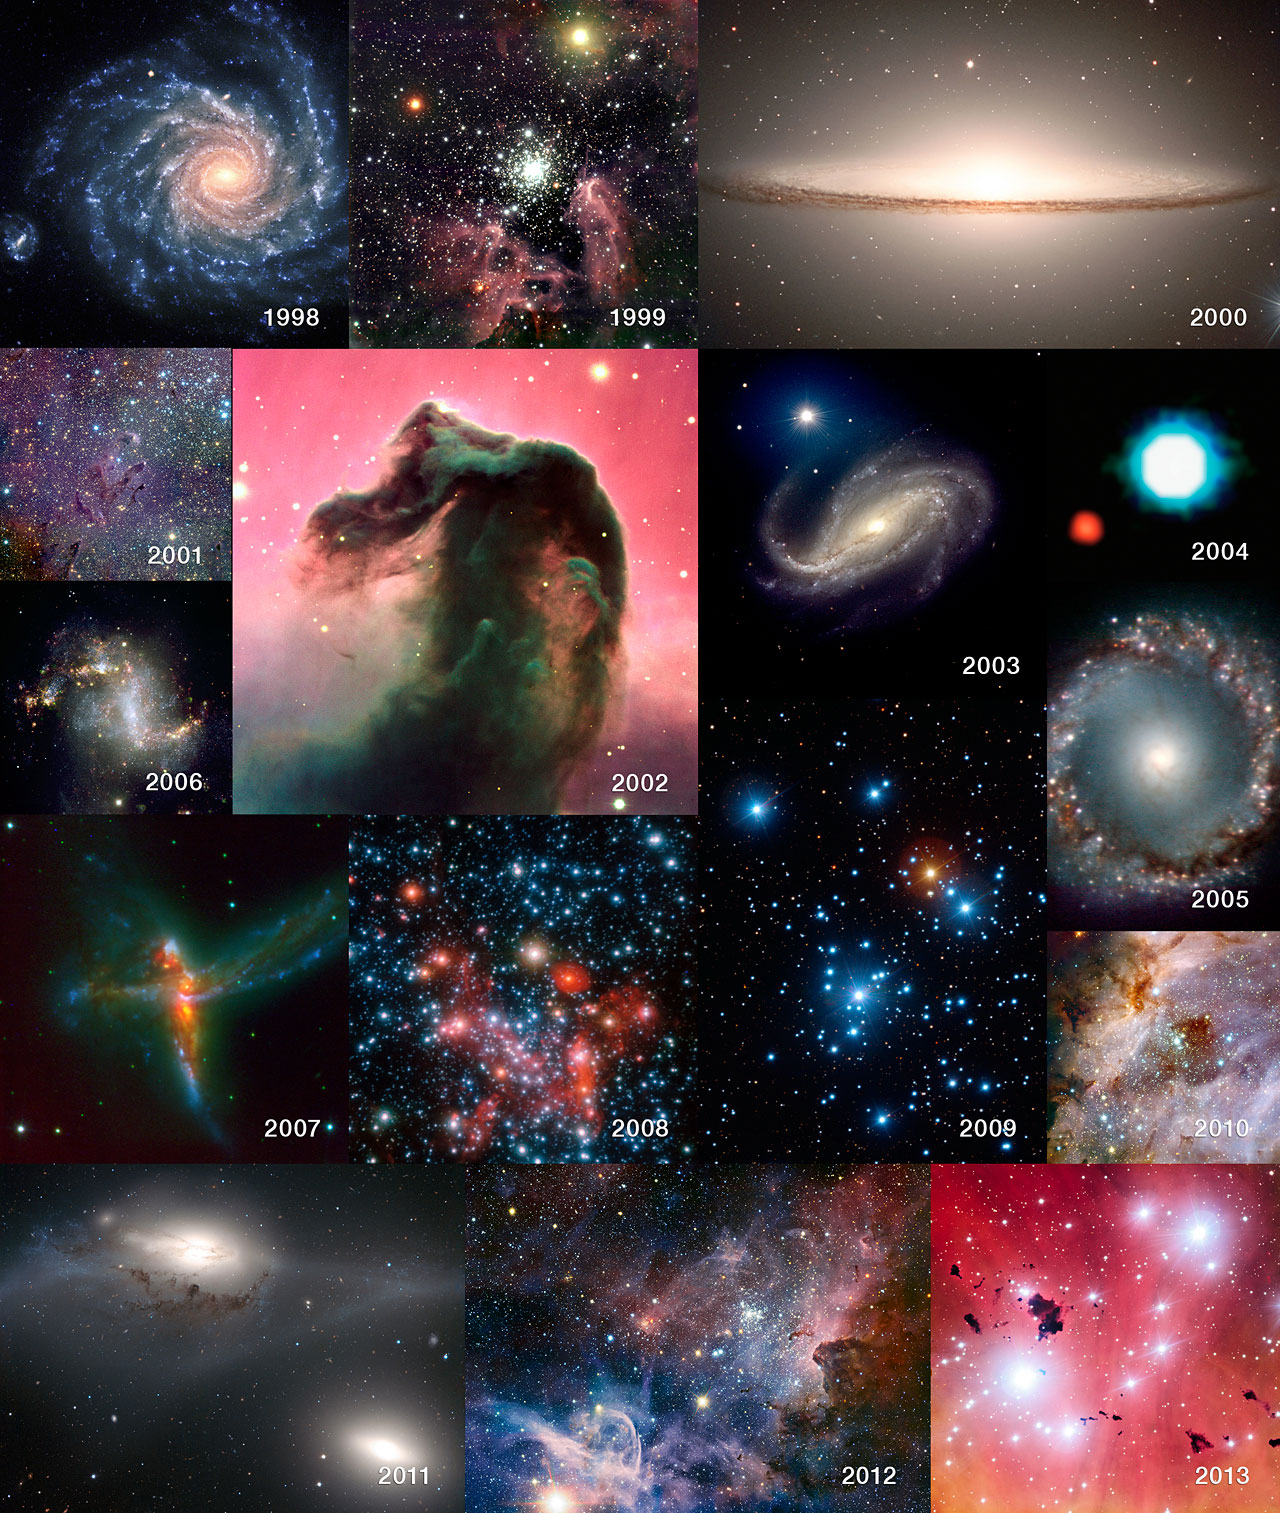 Pesëmbëdhjetë vjet me Teleskopin Shumë të Madh